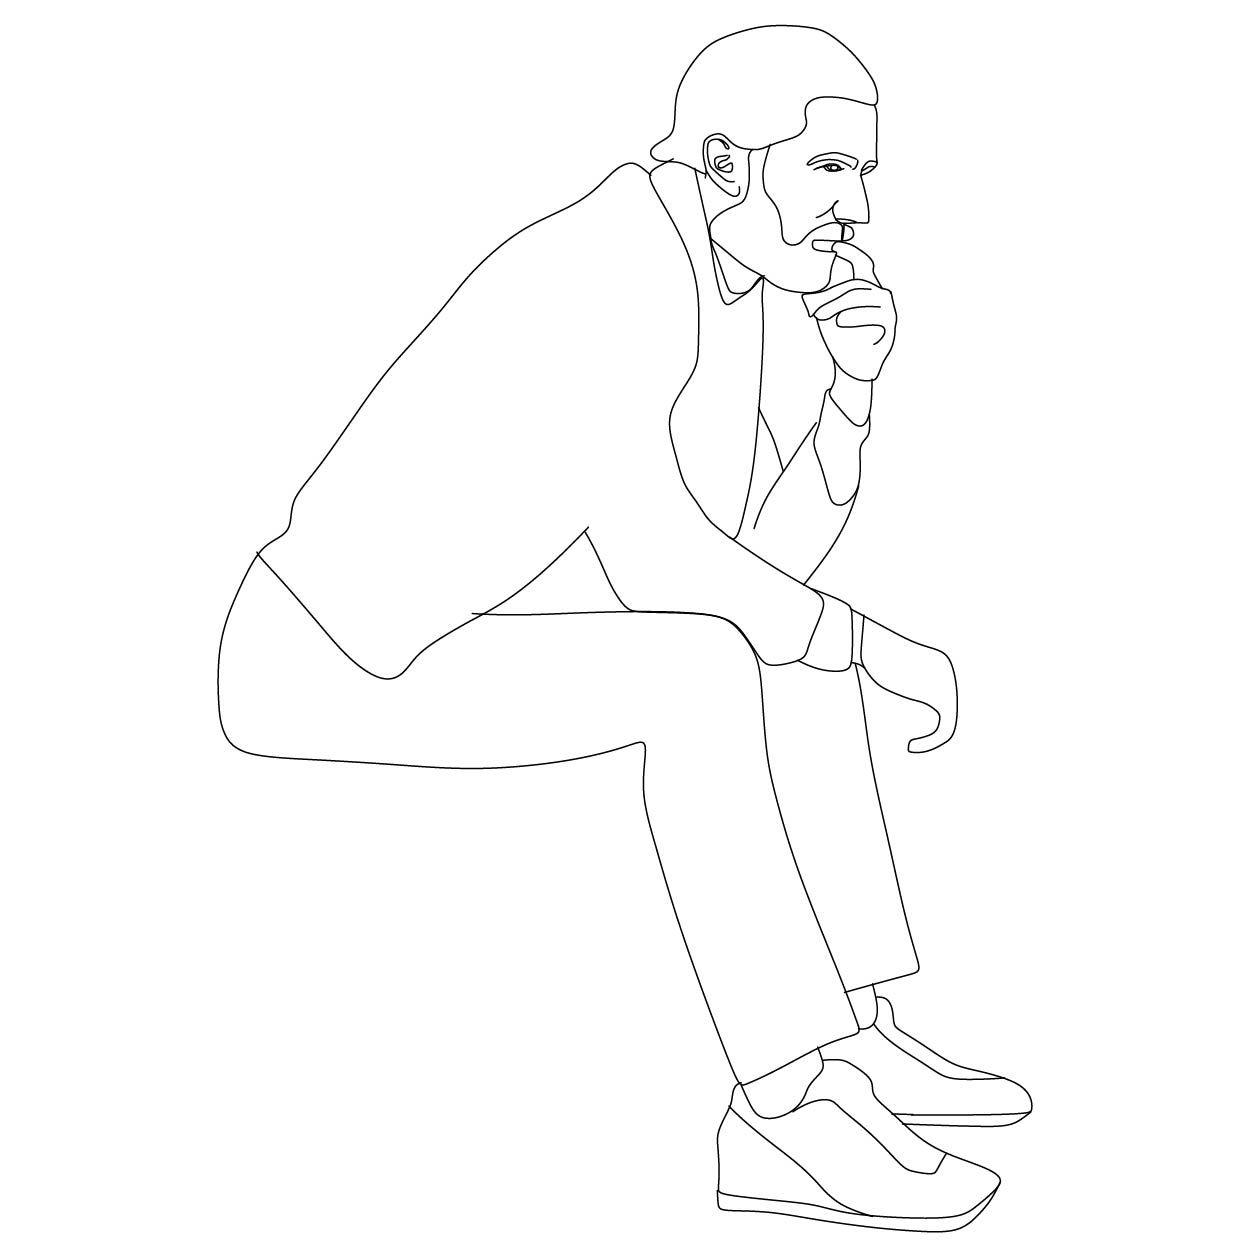 Sitzender Mensch Zeichnen   Vorlagen zum Ausmalen gratis ...